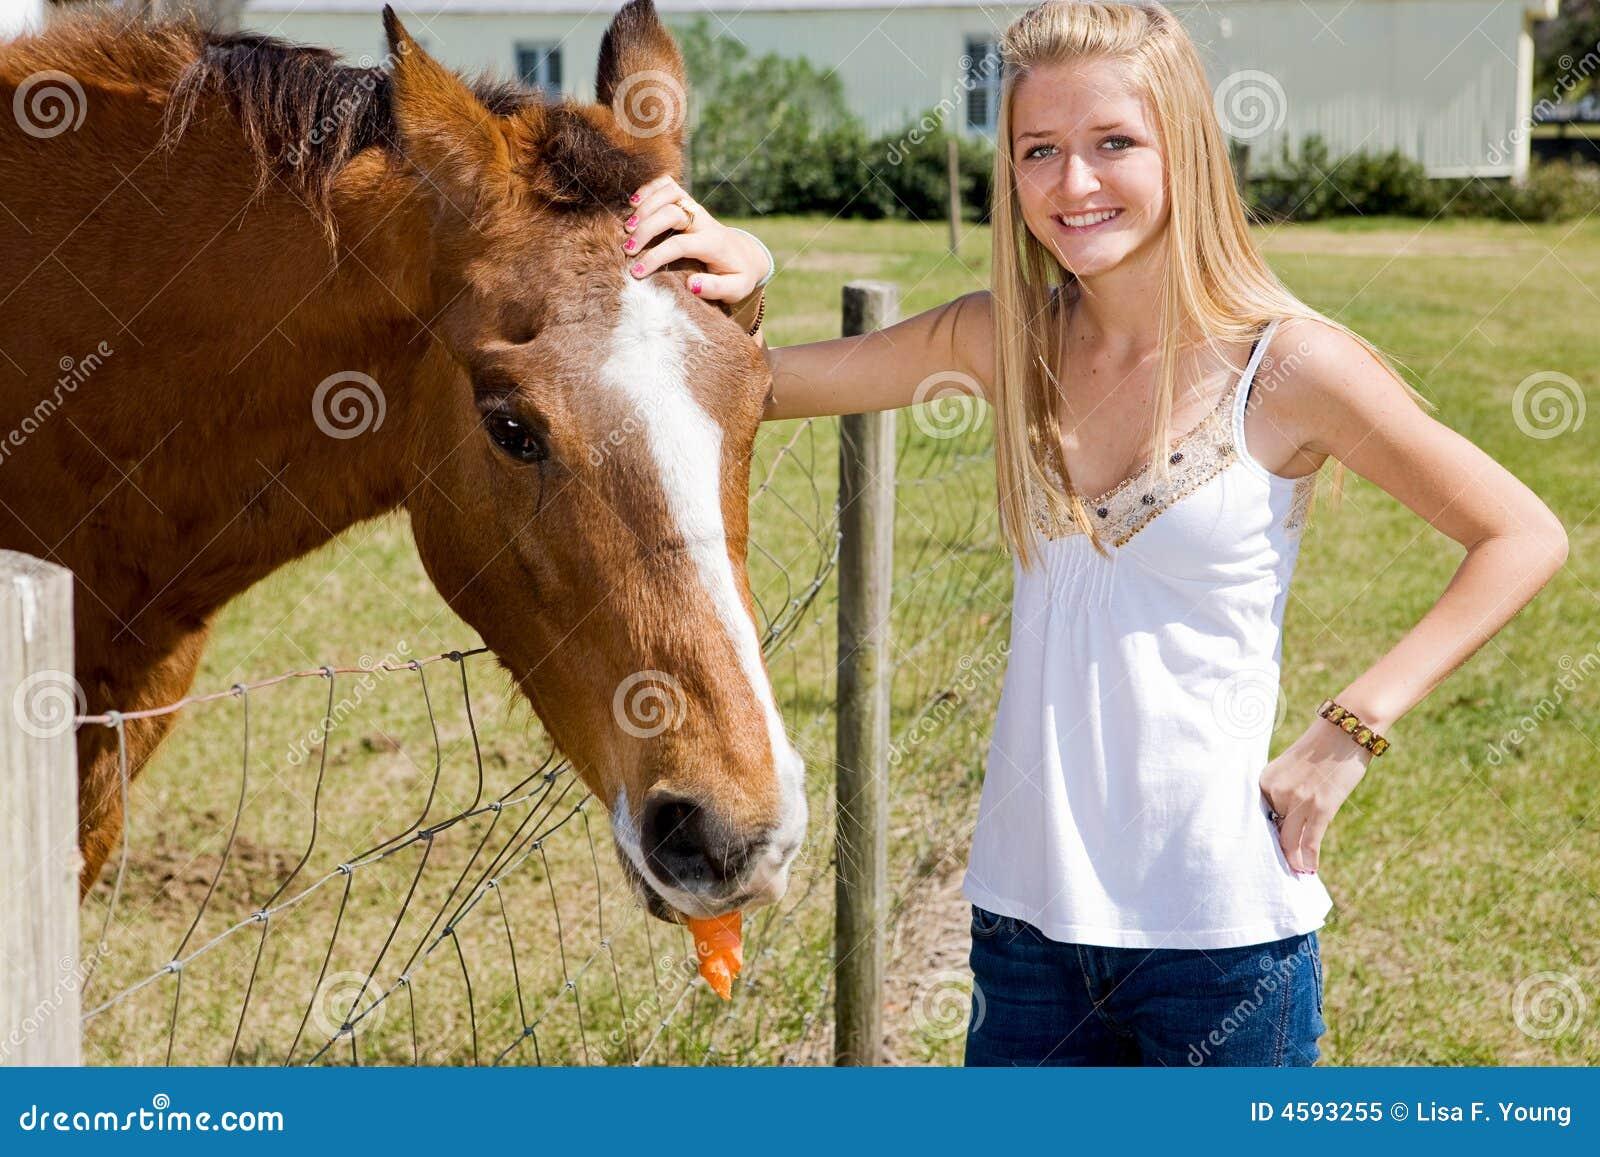 Young teen farm girls